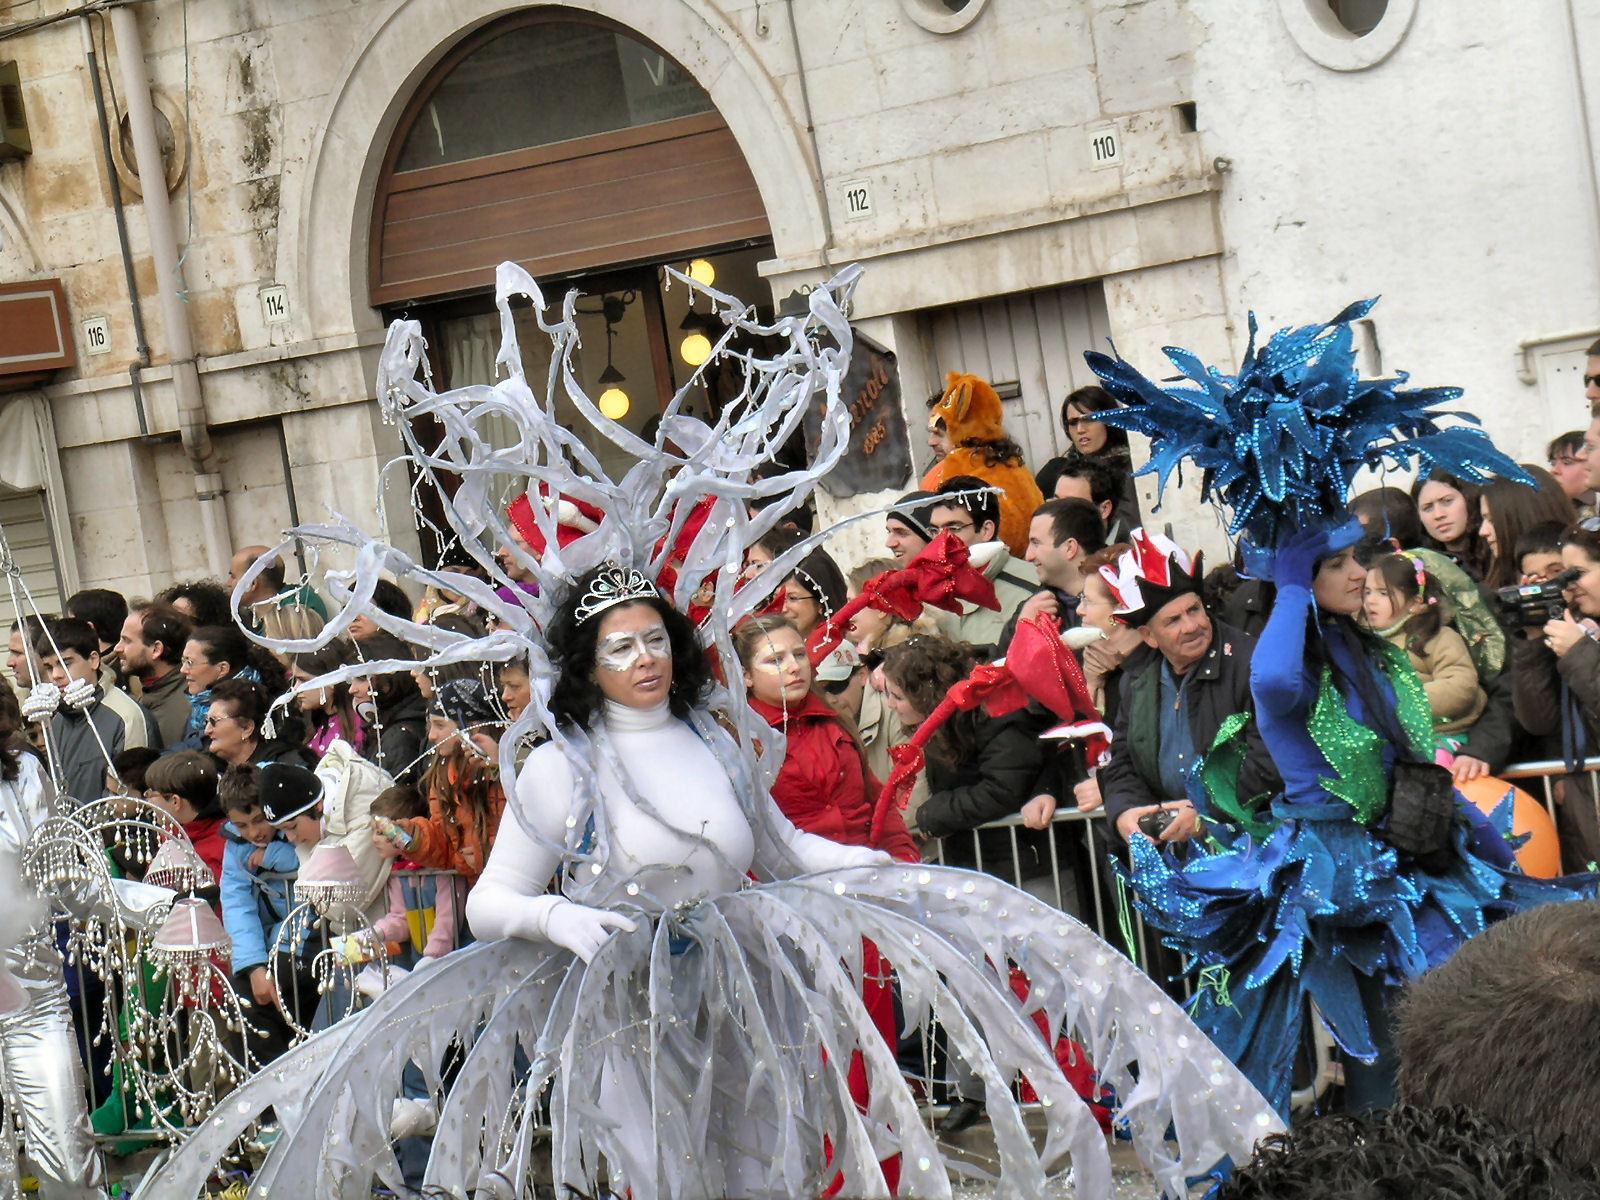 Immagini dalla 612^ edizione Carnevale Putignano 2006